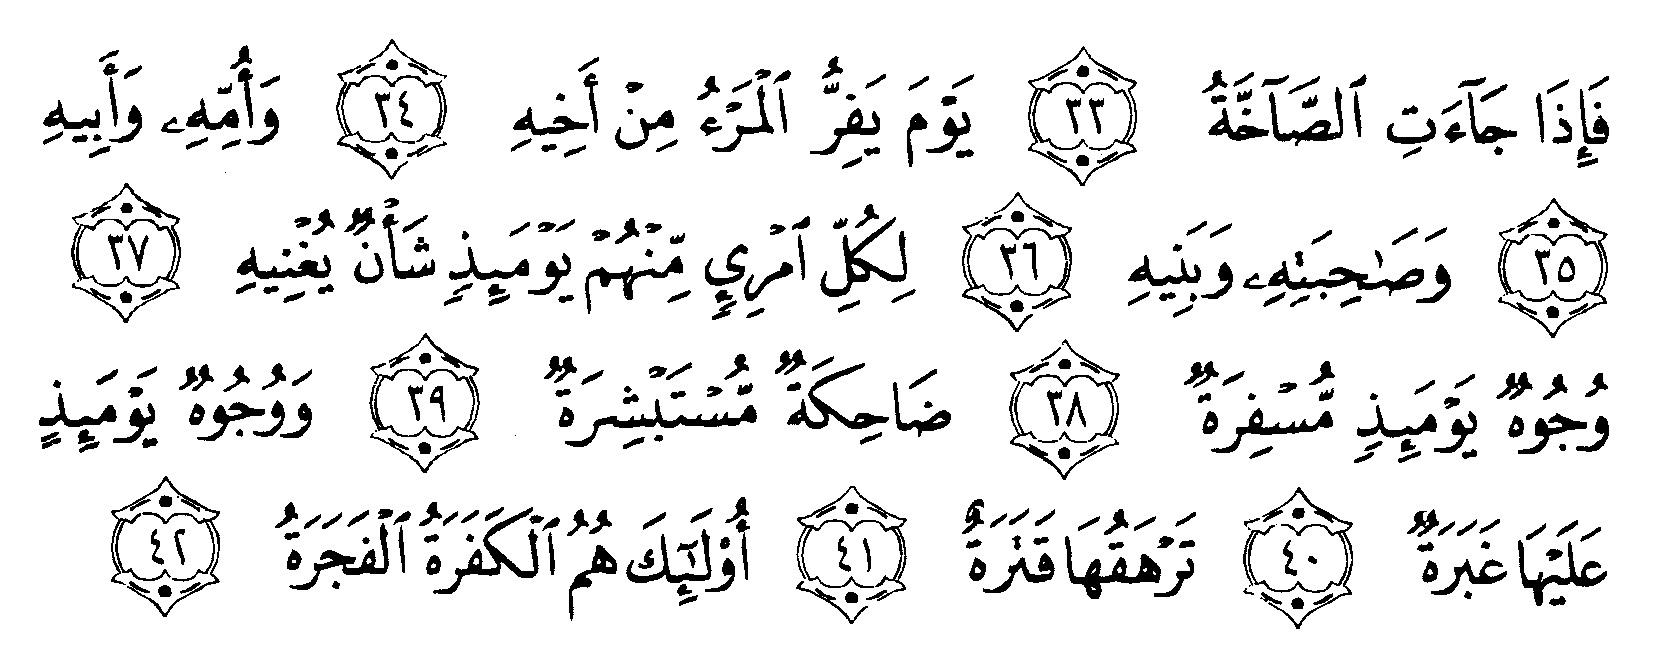 Tafsir Al Qur An Surah Abasa Alqur Anmulia